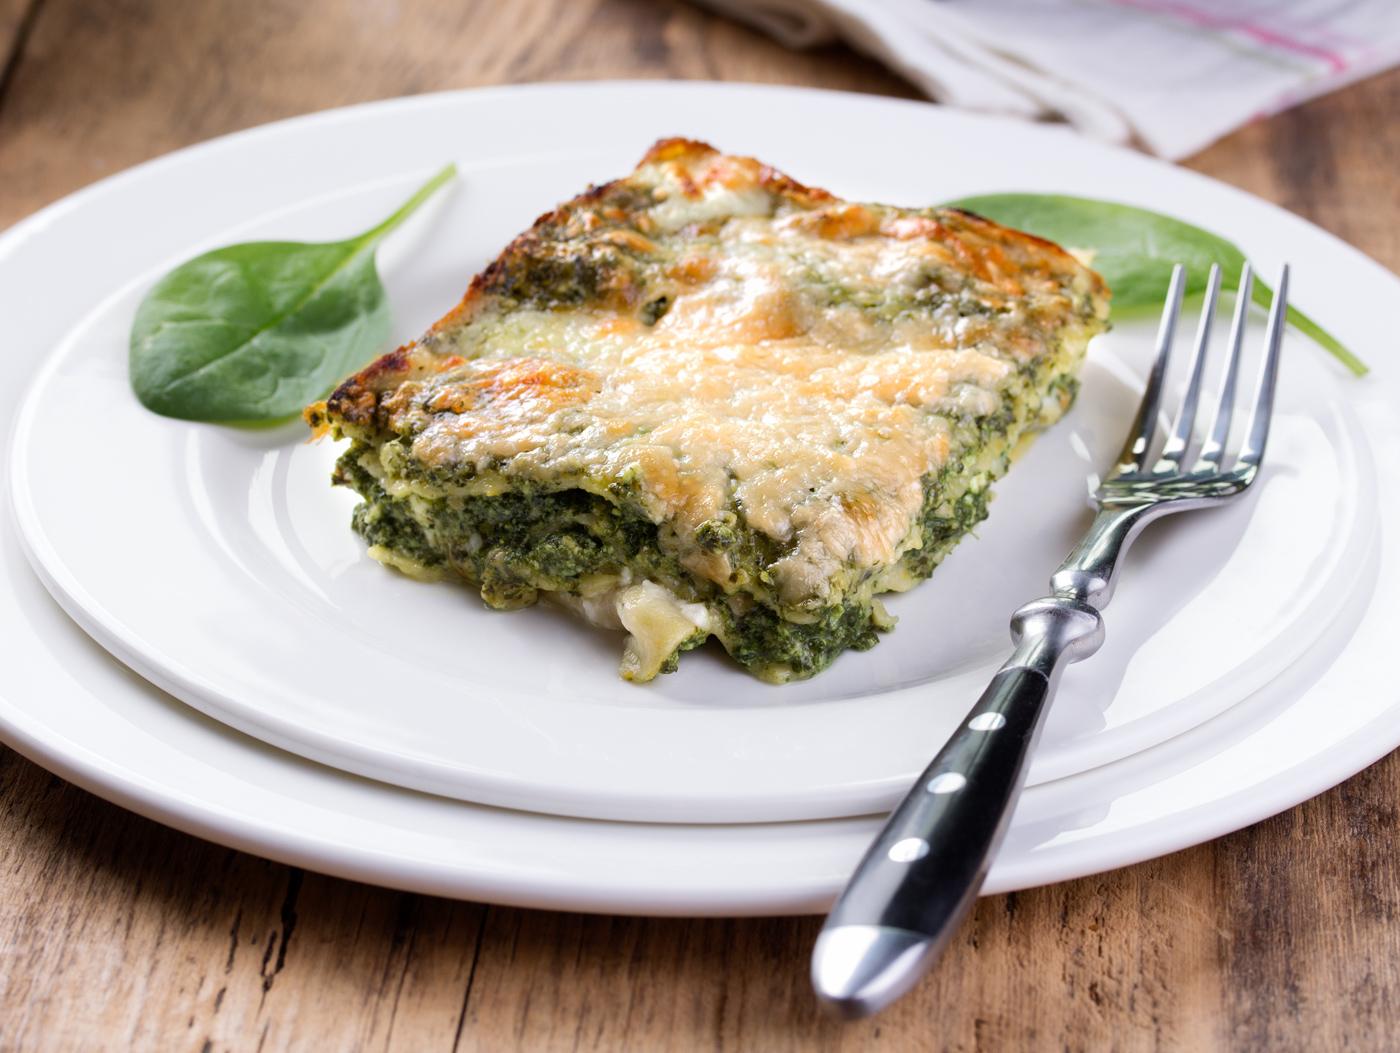 Ricetta Lasagne E Spinaci.Ricetta Lasagne Ricotta E Spinaci Donna Moderna